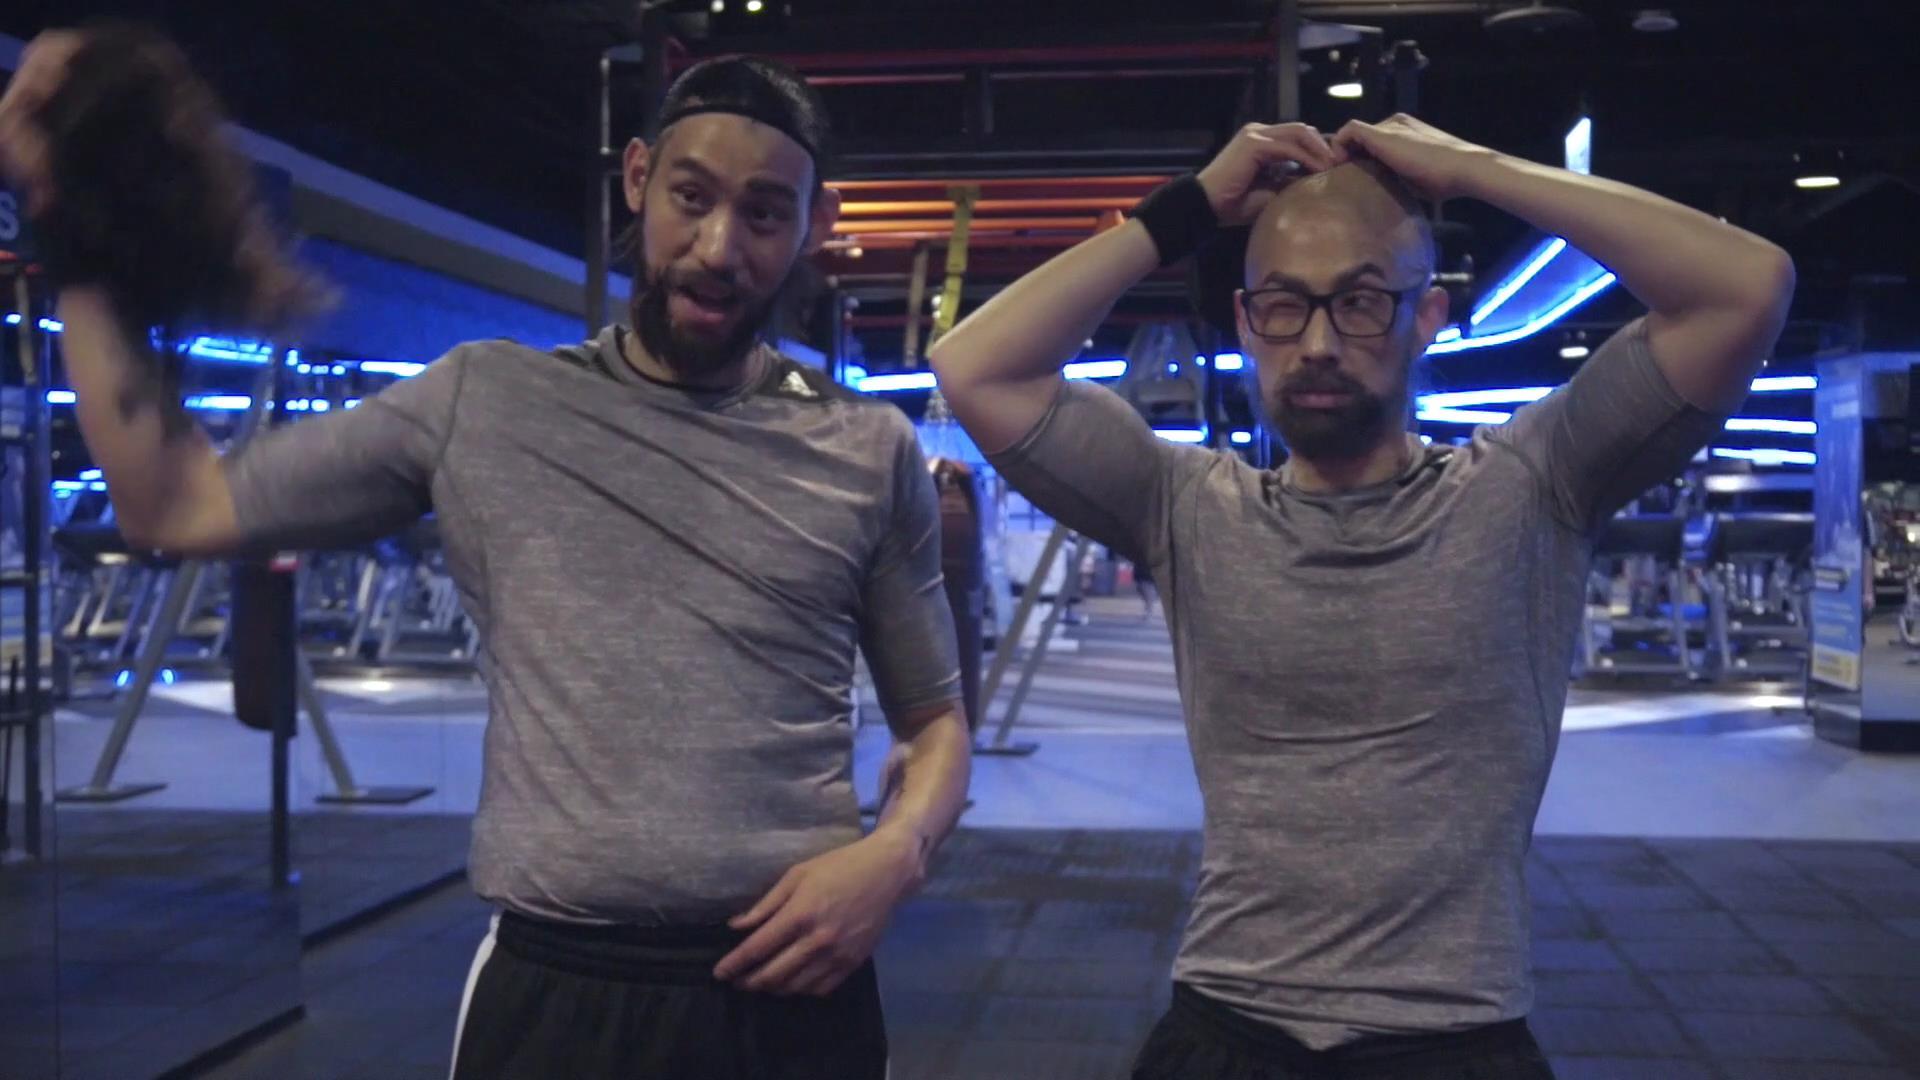 本次影片林書豪與吳建豪針對變裝進行更大膽的嚐試,分別化身為長髮、身形微胖的健身教練Wayne;以及光頭造型、滿臉蓄鬍的Vincent與消費者互動